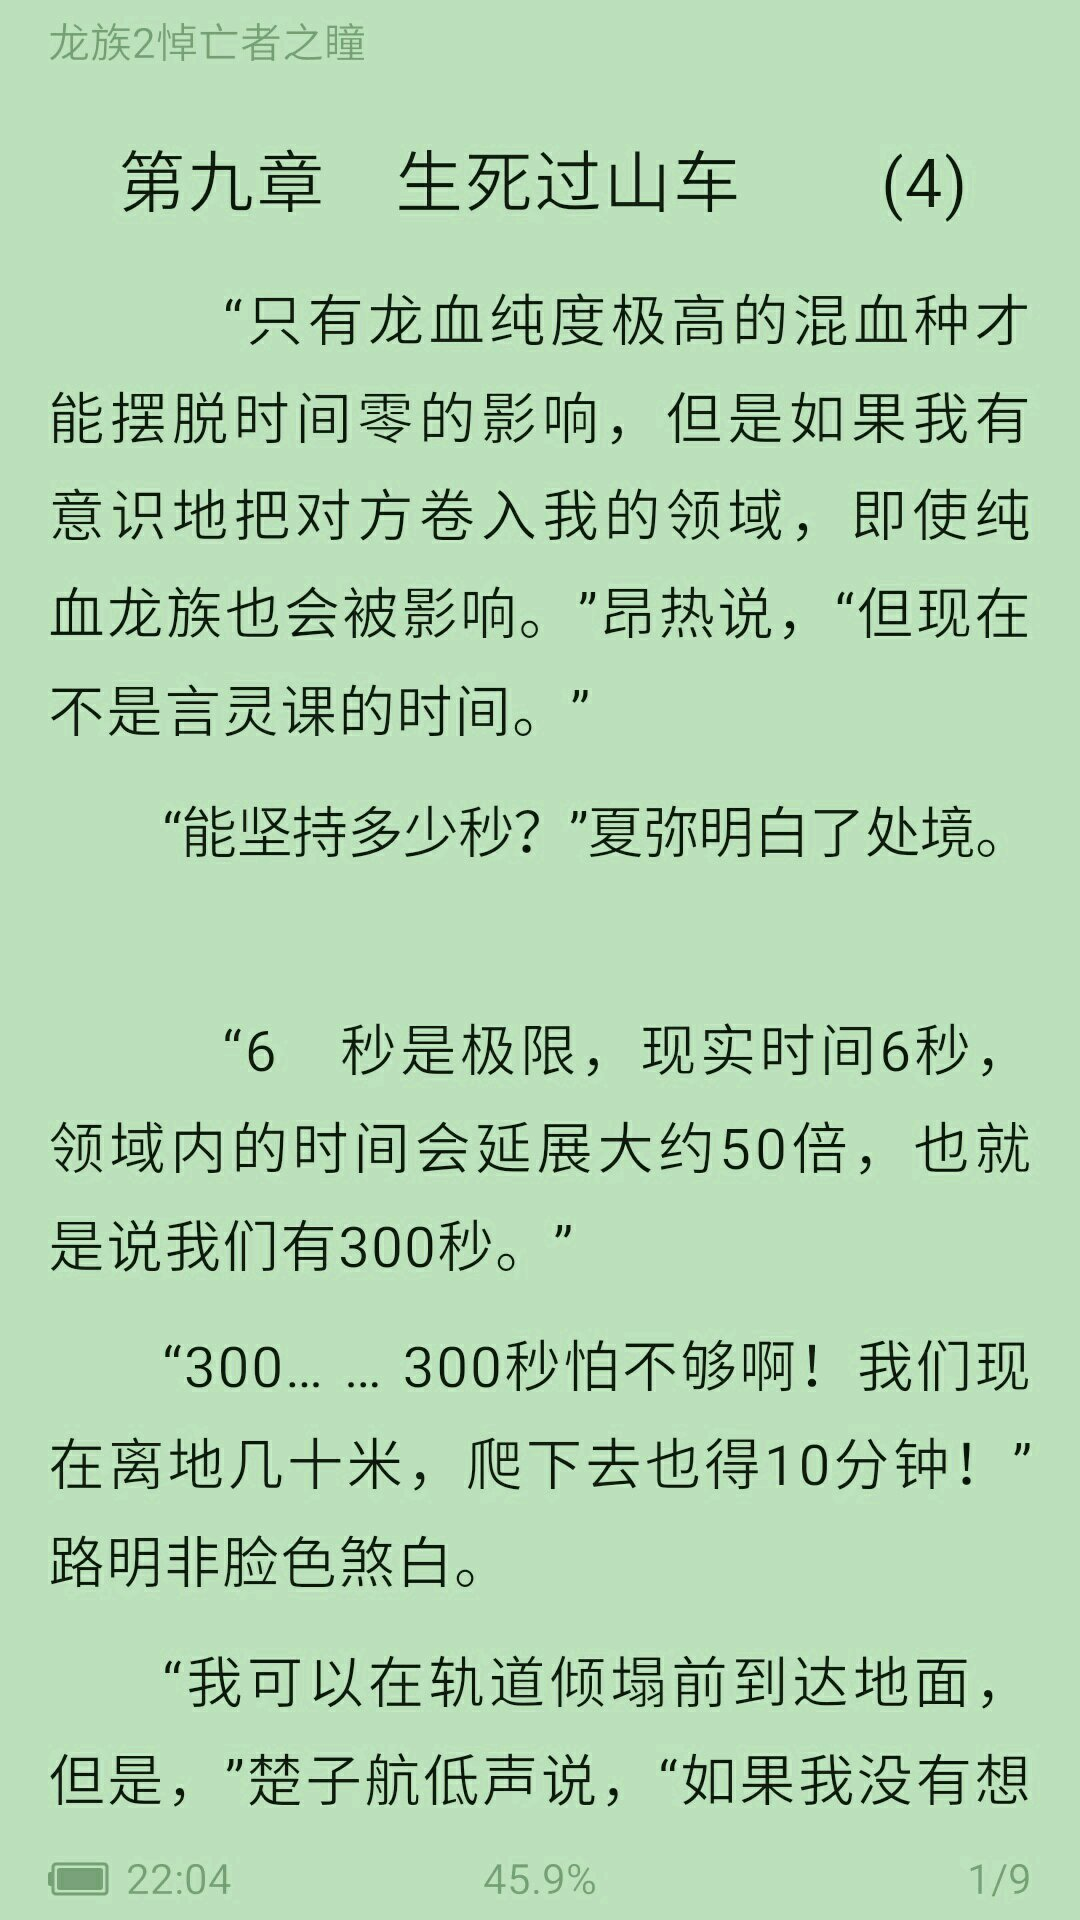 重新看龙族2,发现书里对校长的时间零有详细的描述啊.